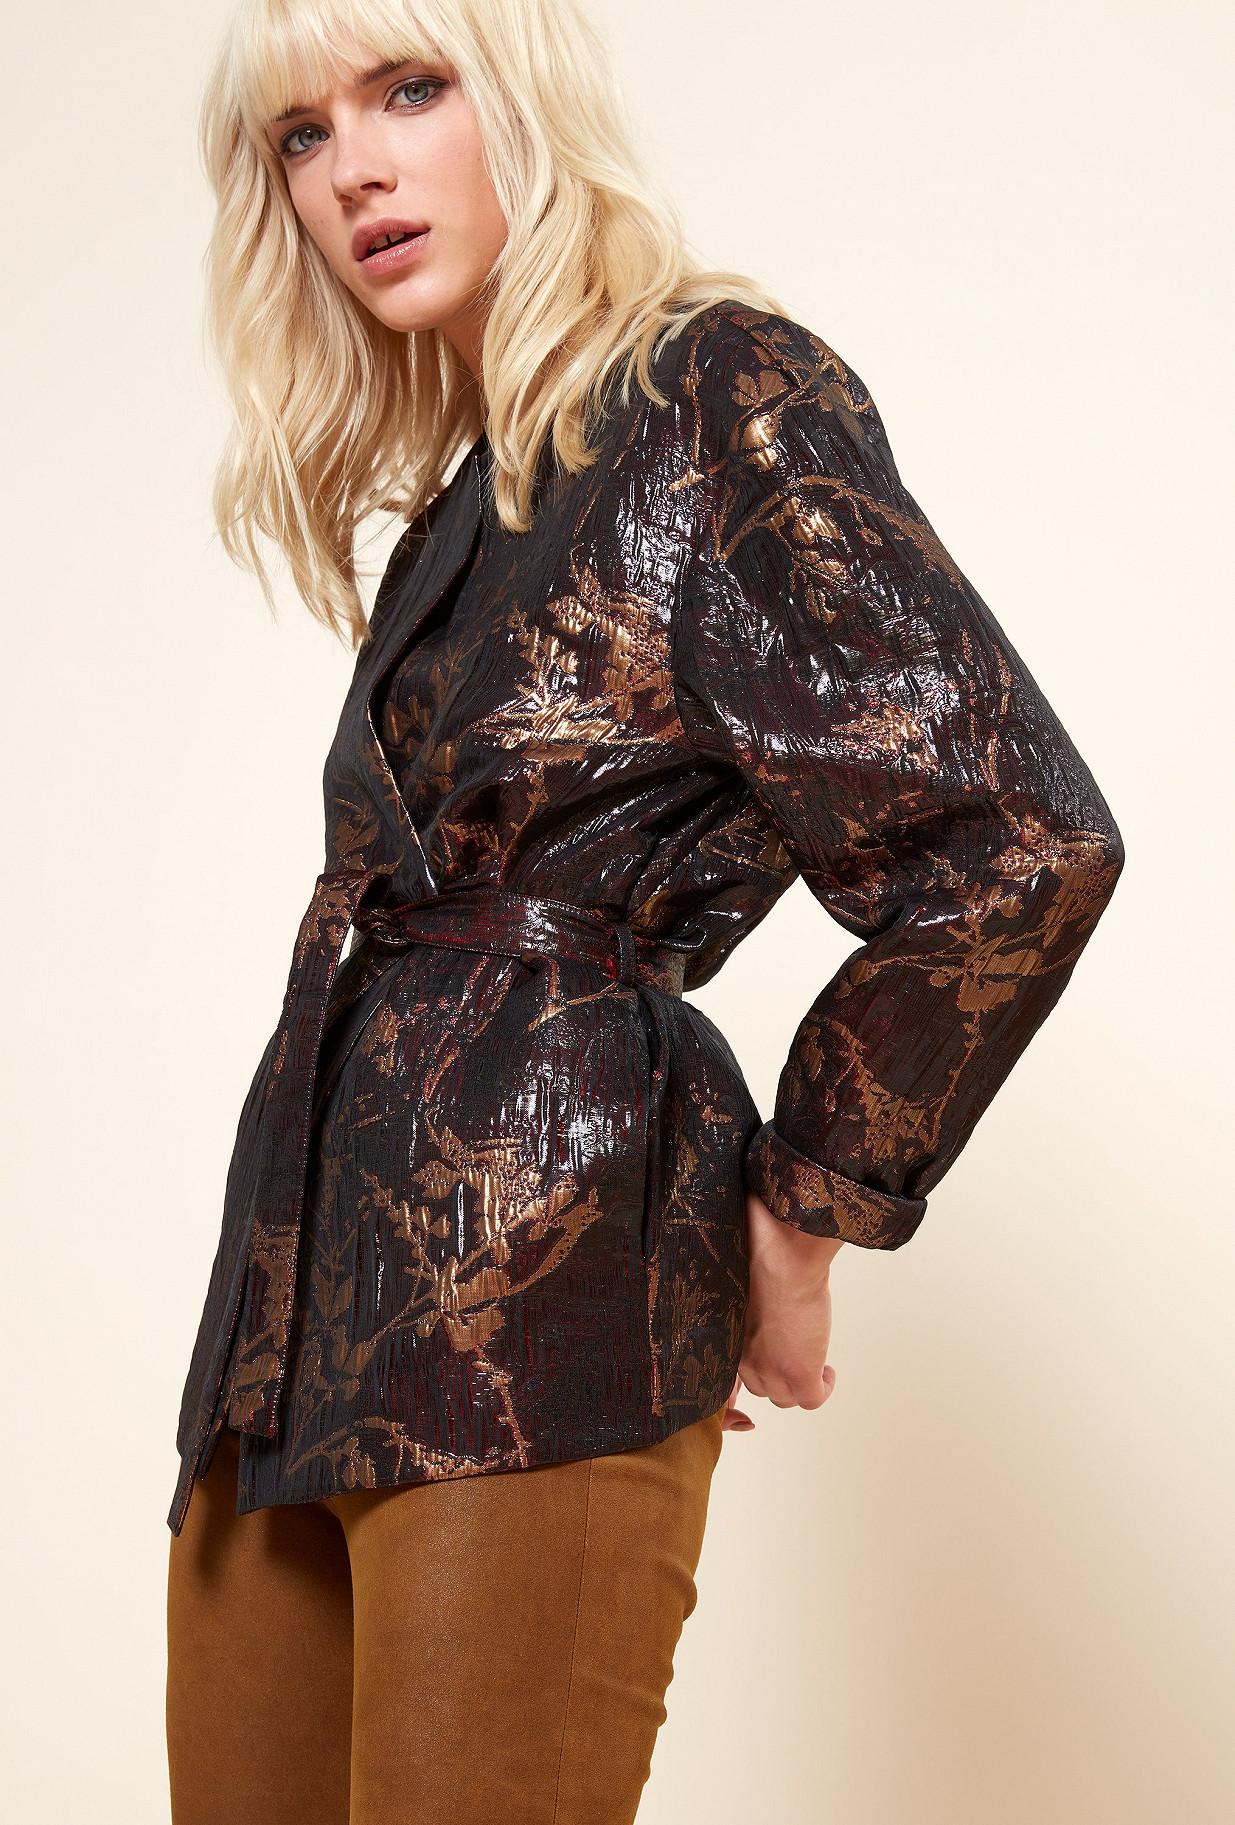 Paris boutique de mode vêtement VESTE créateur bohème  Querida